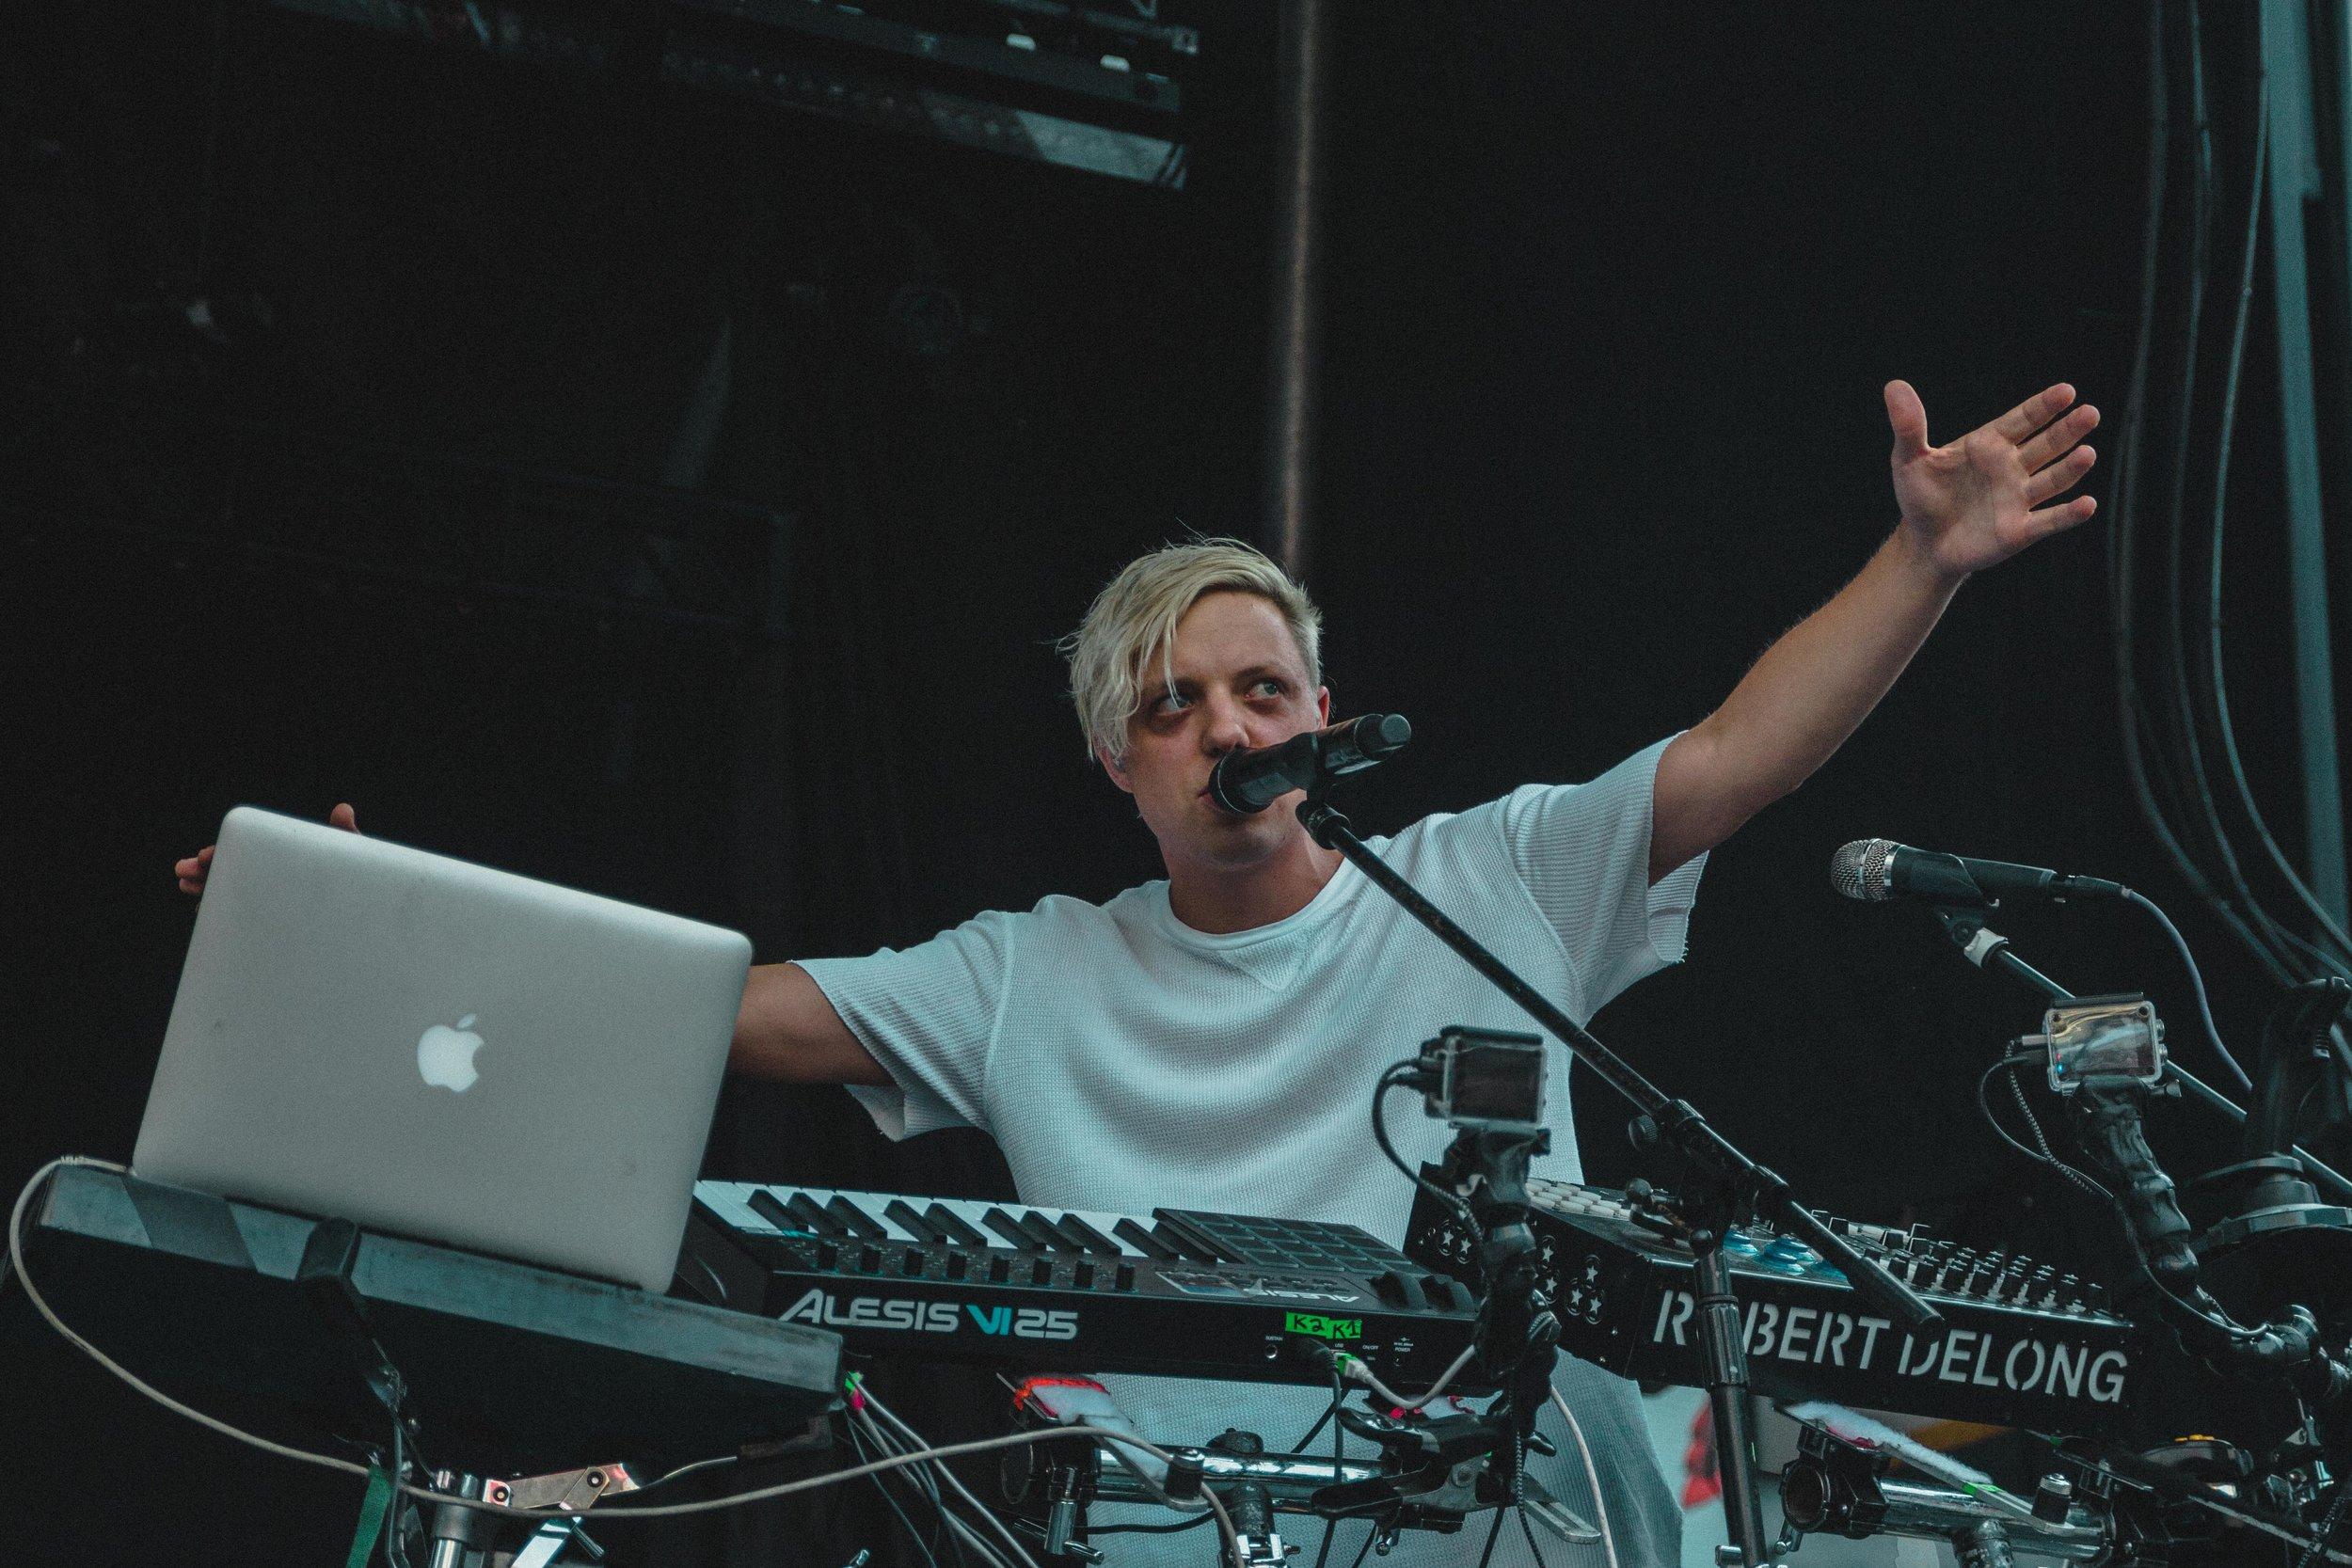 Robert DeLong performing at NXNE Festival Village Day 3 at Yonge-Dundas Square